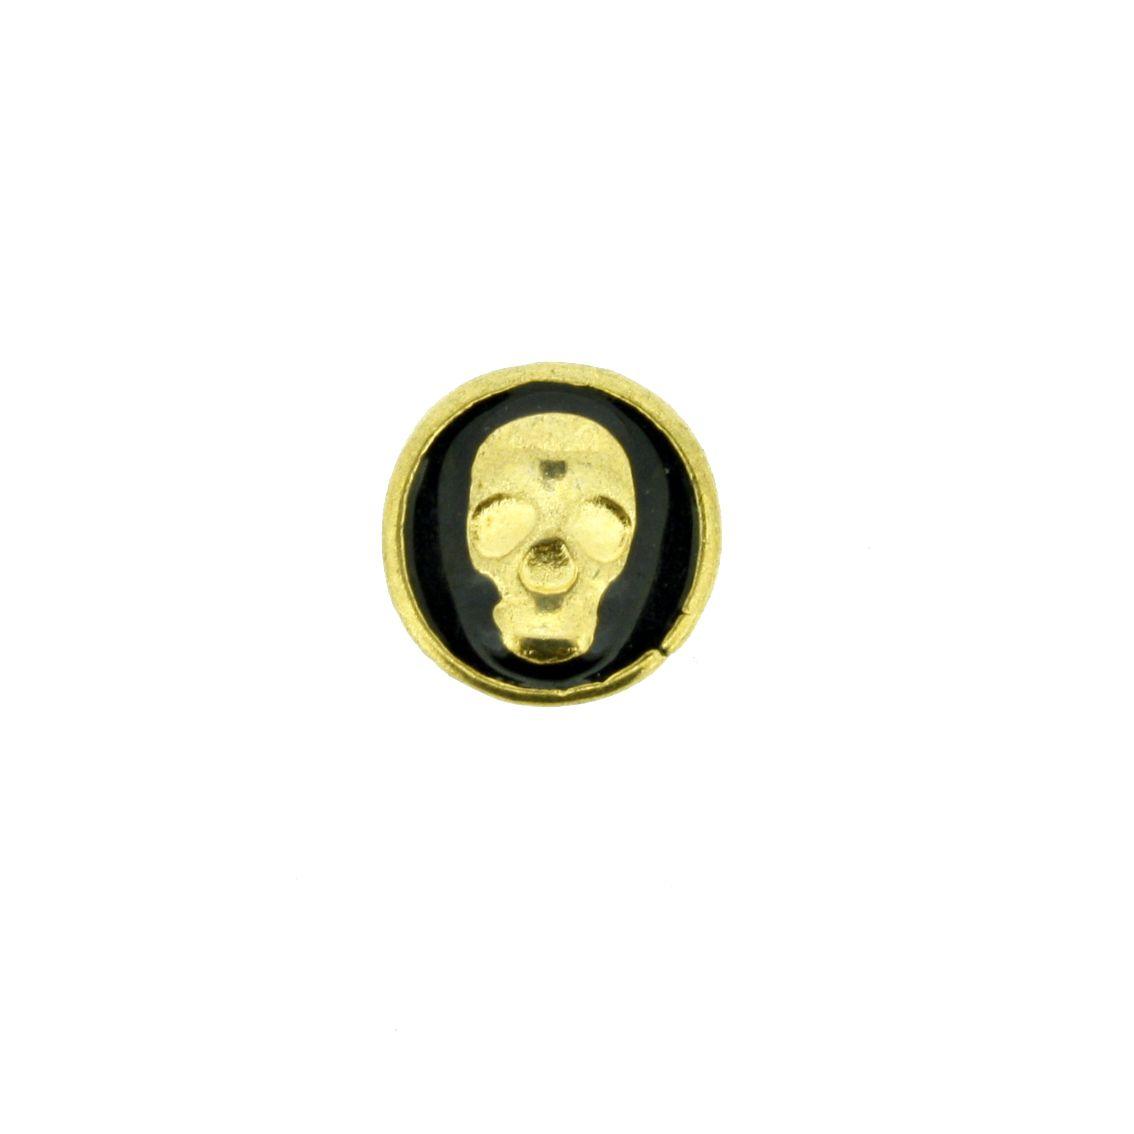 Caveira - Dourado com Preta - 9mm - 01 Peça  - Stéphanie Bijoux® - Peças para Bijuterias e Artesanato